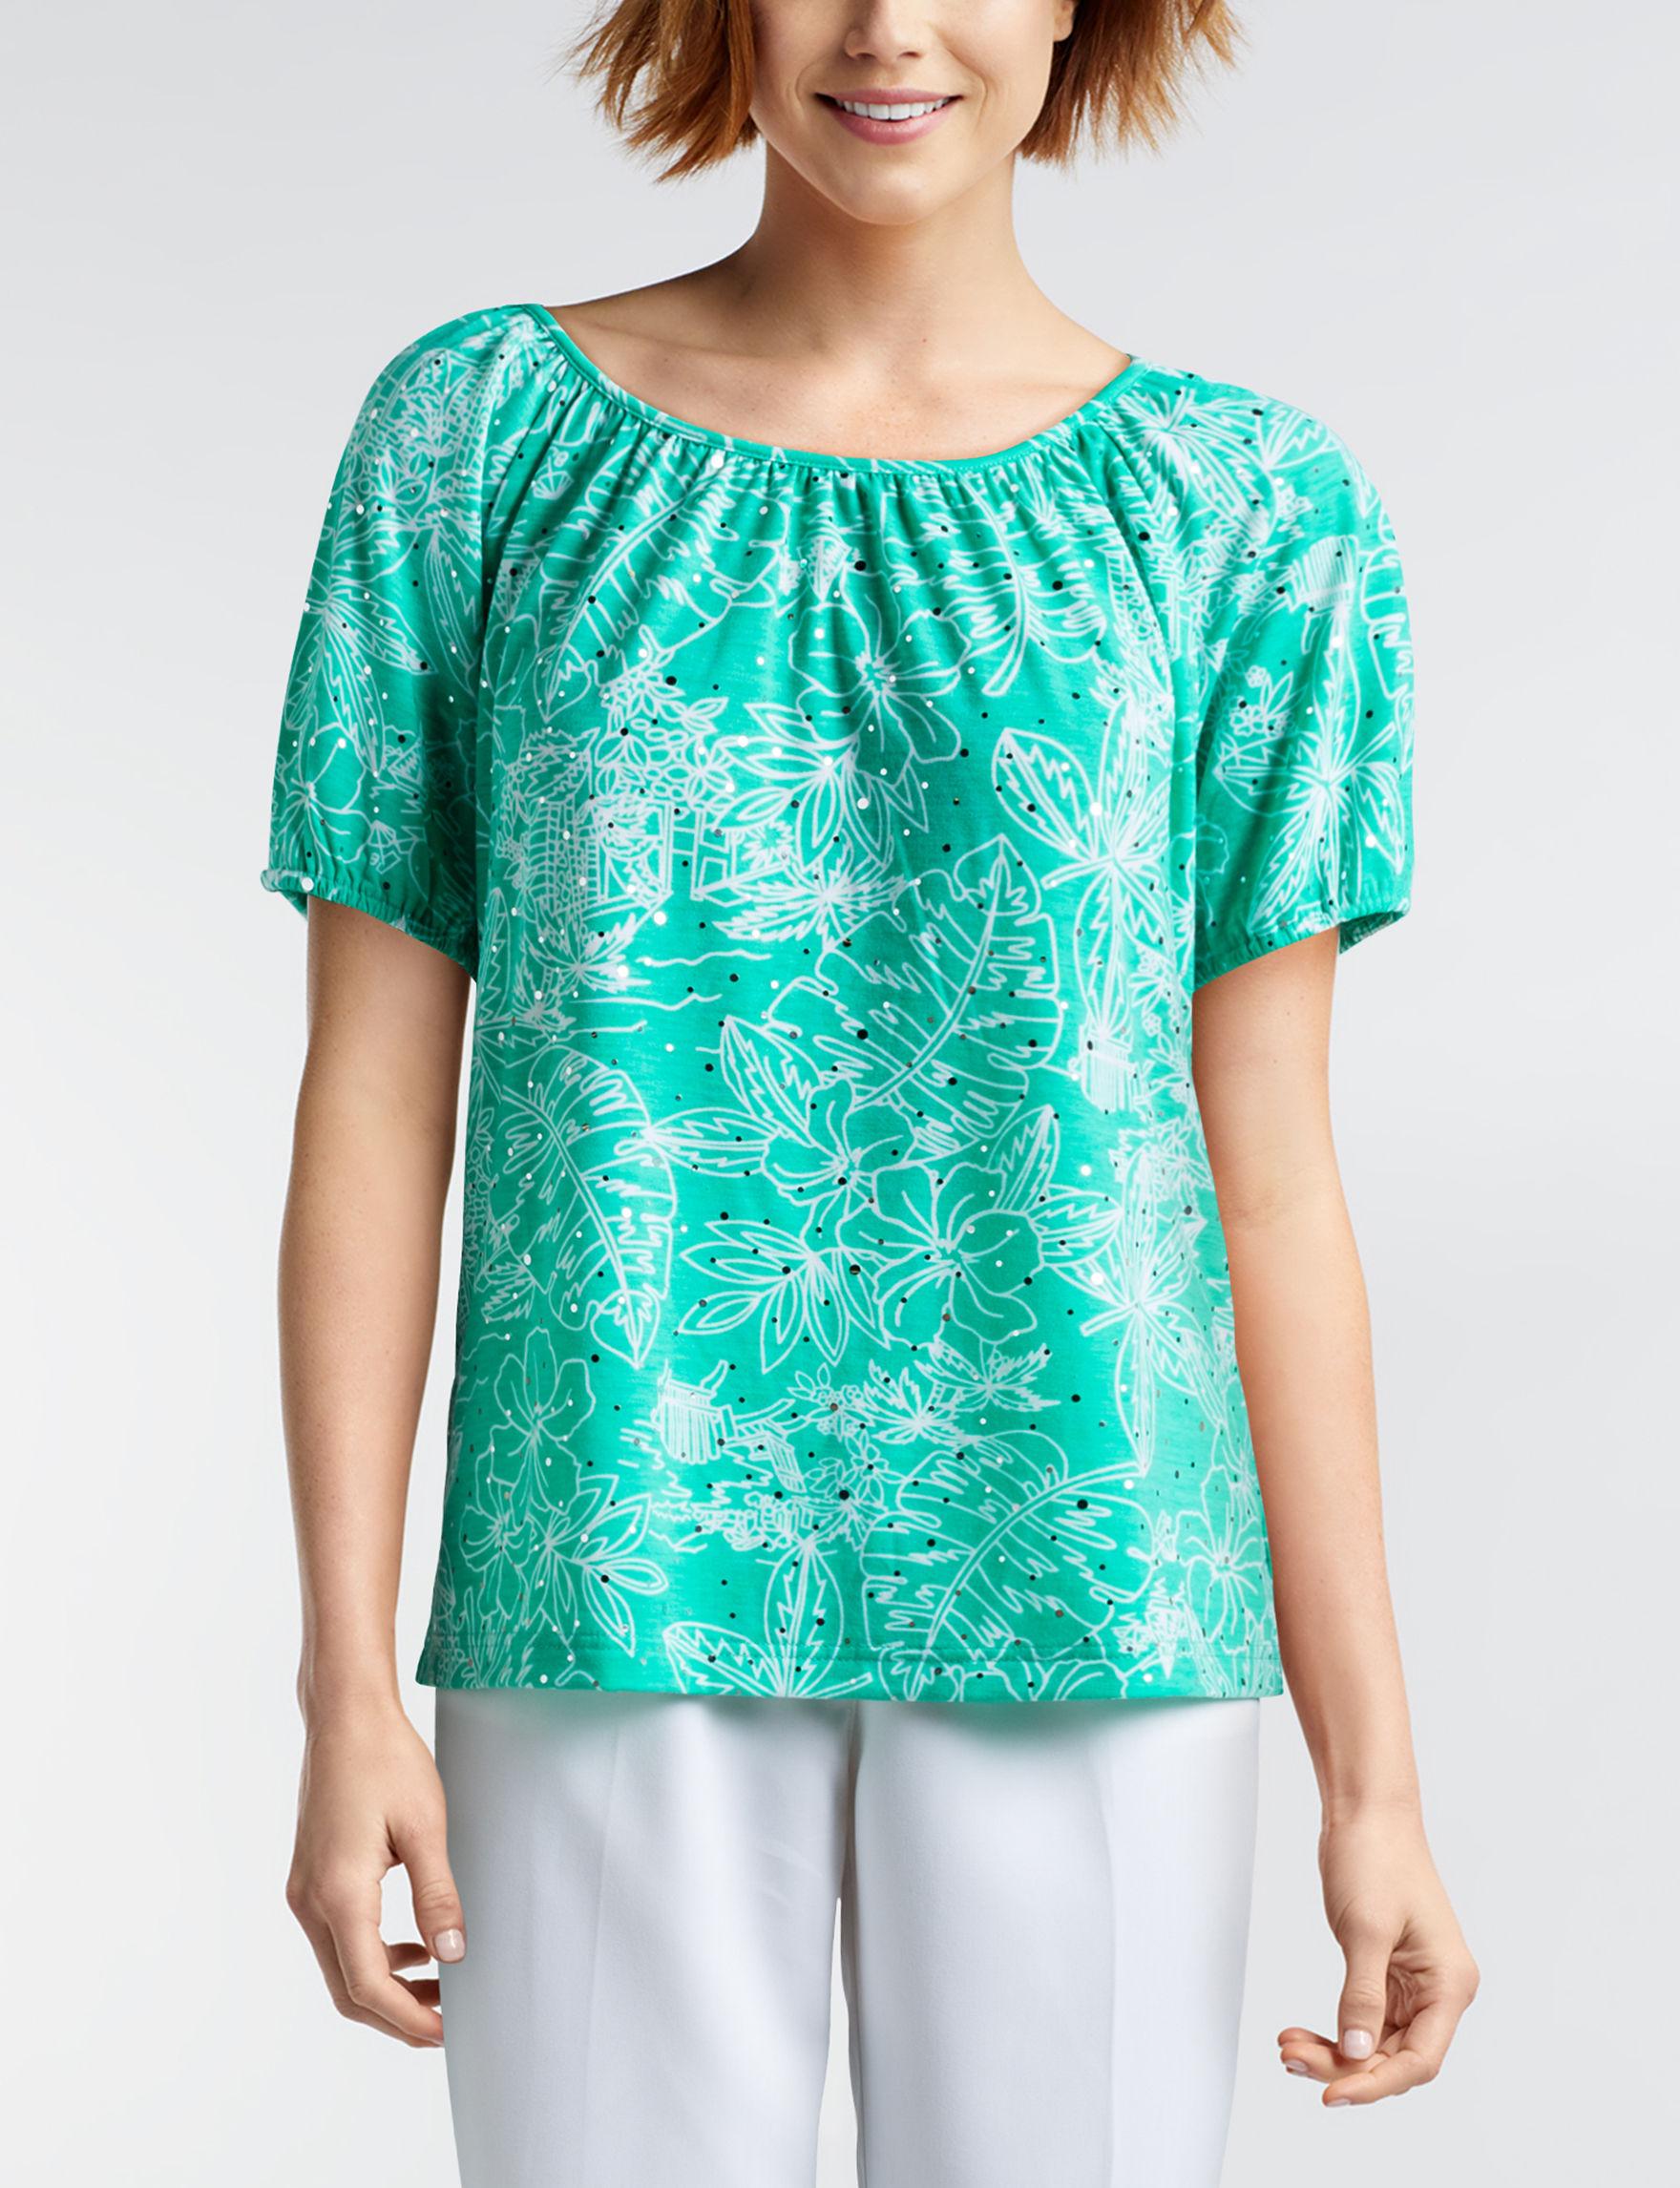 Rebecca Malone Mint Shirts & Blouses